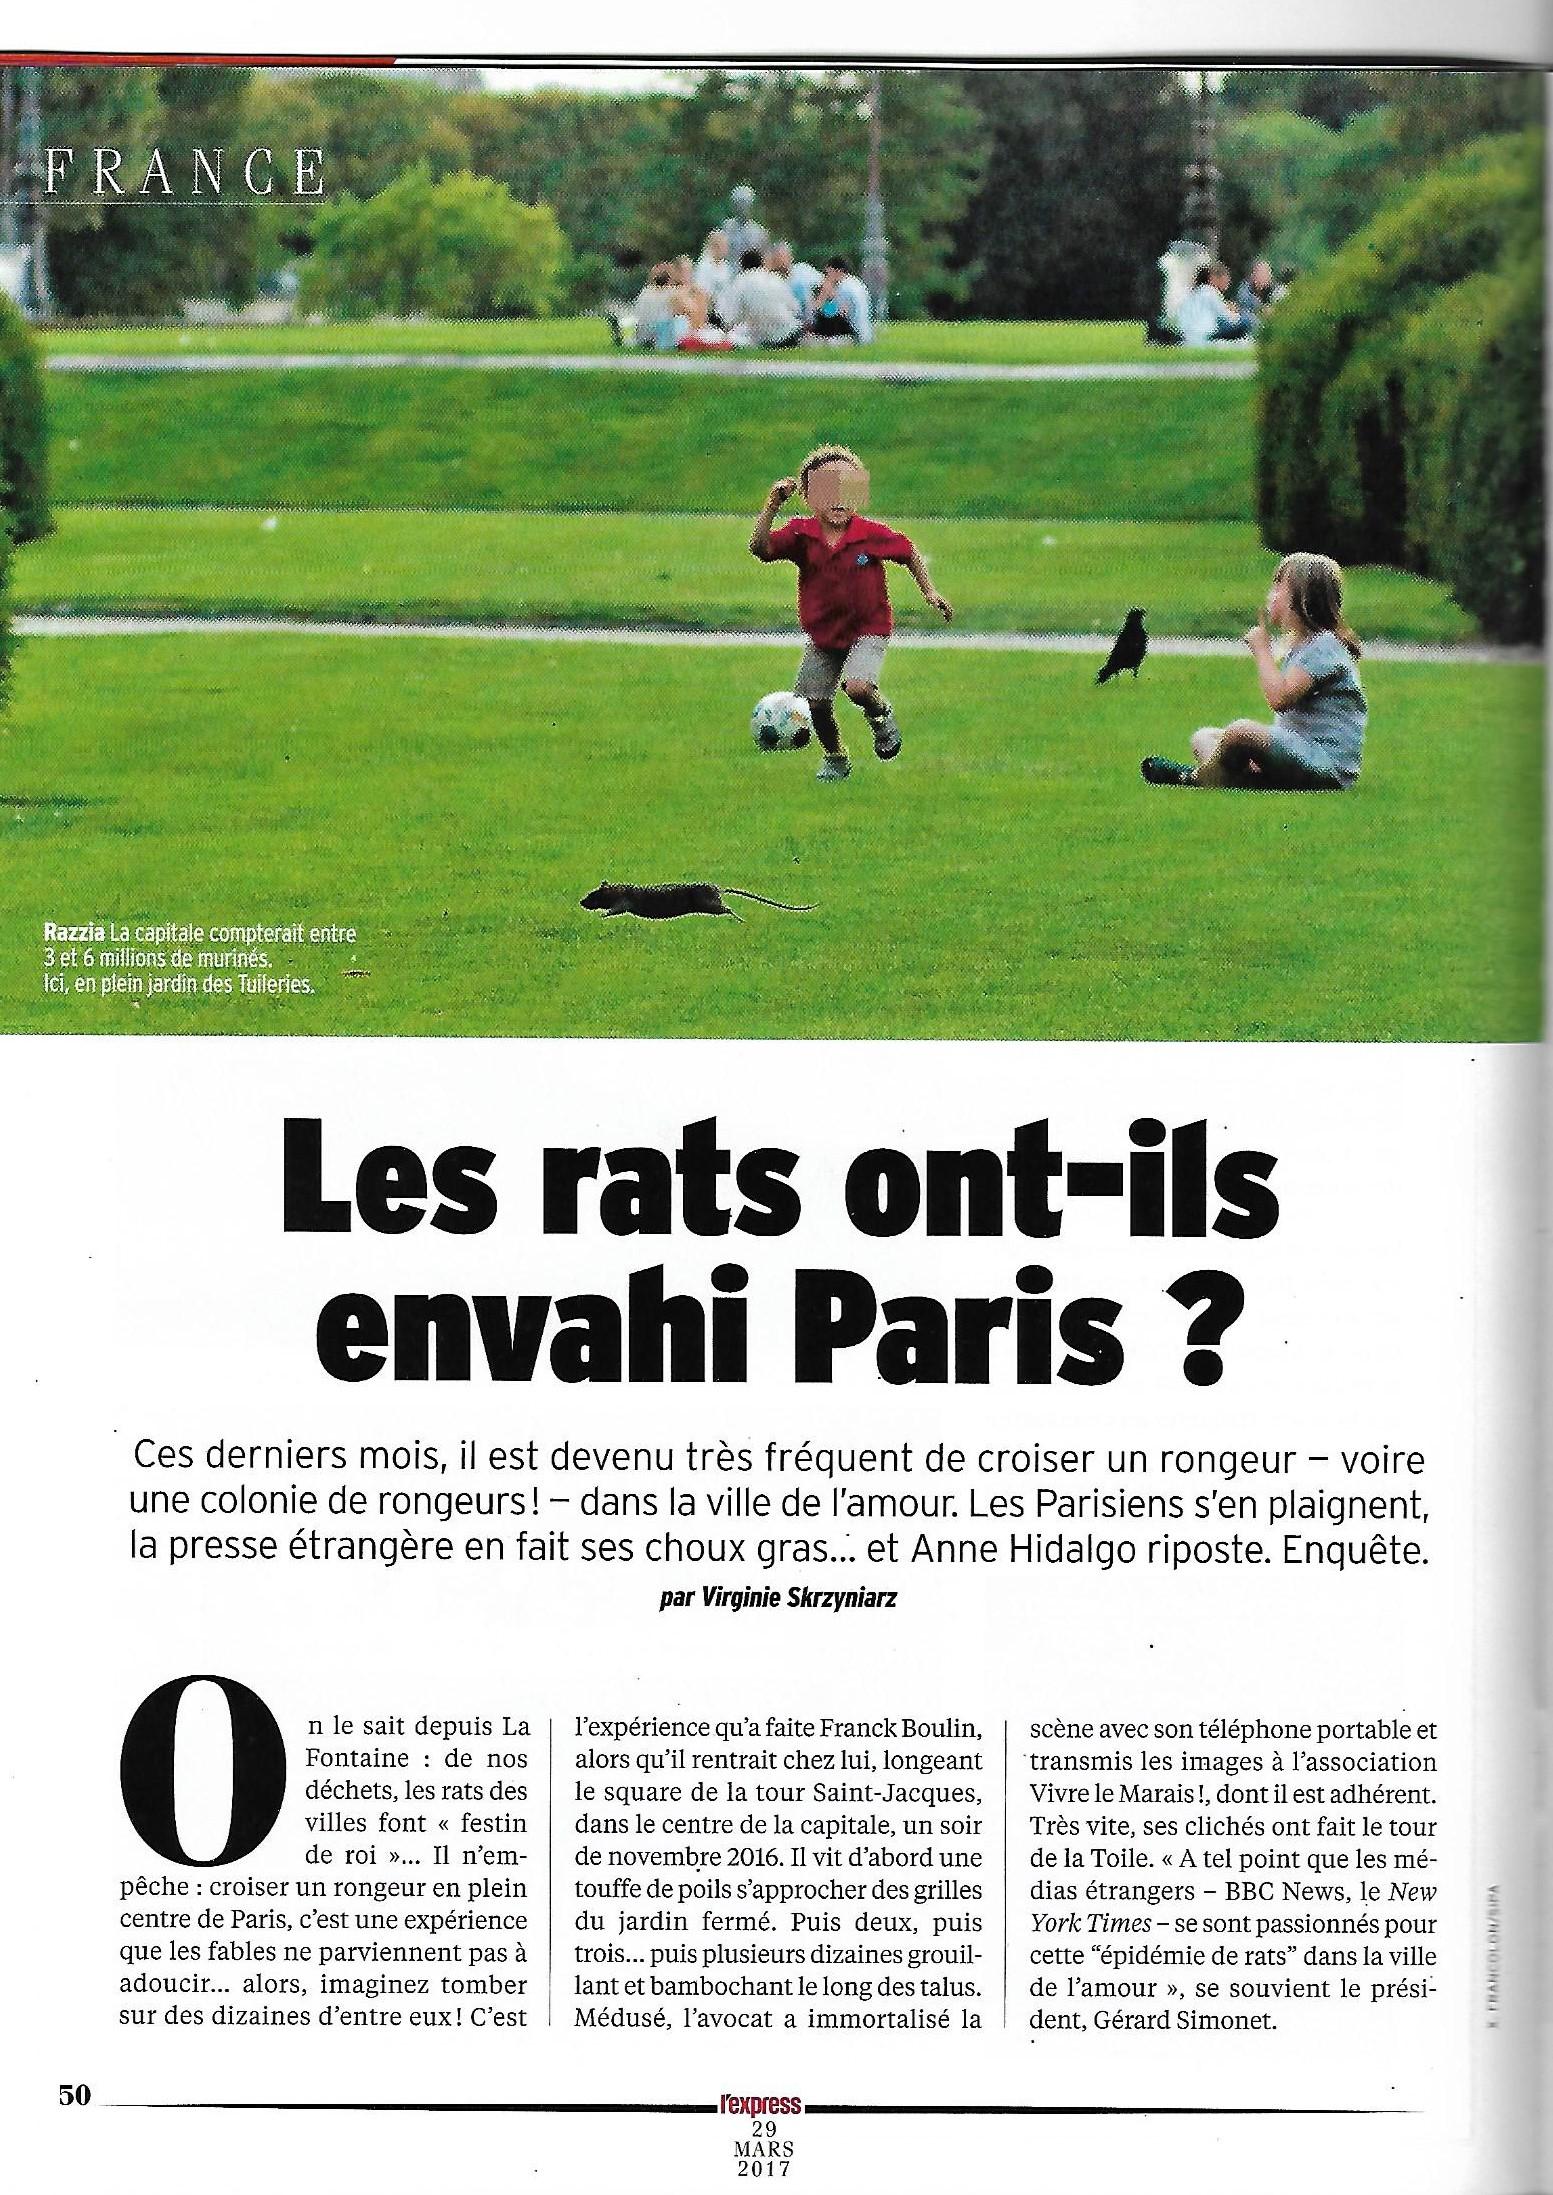 Invasions de rats à Paris – Article de l'Express